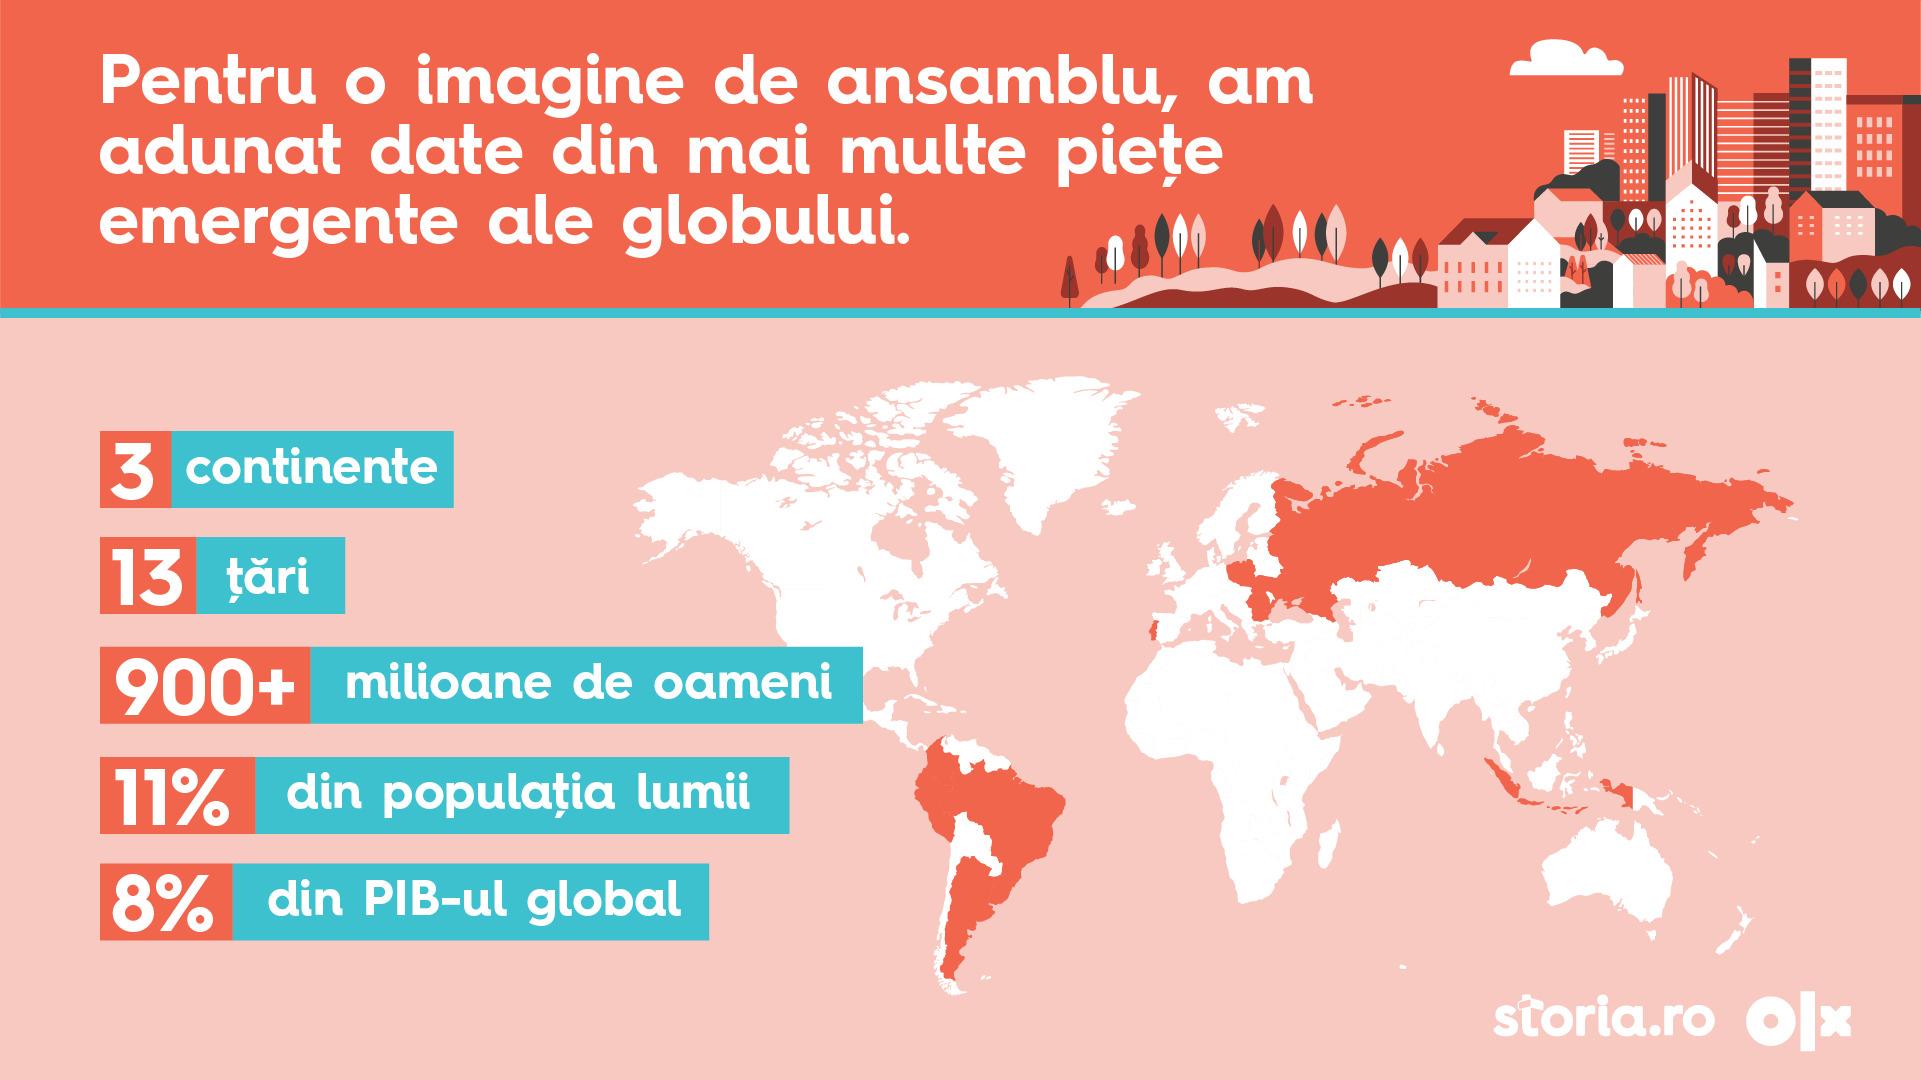 (P) Analiză Storia.ro și OLX Imobiliare: Cum a evoluat sectorul imobiliar din mai multe țări emergente, pe fondul pandemiei